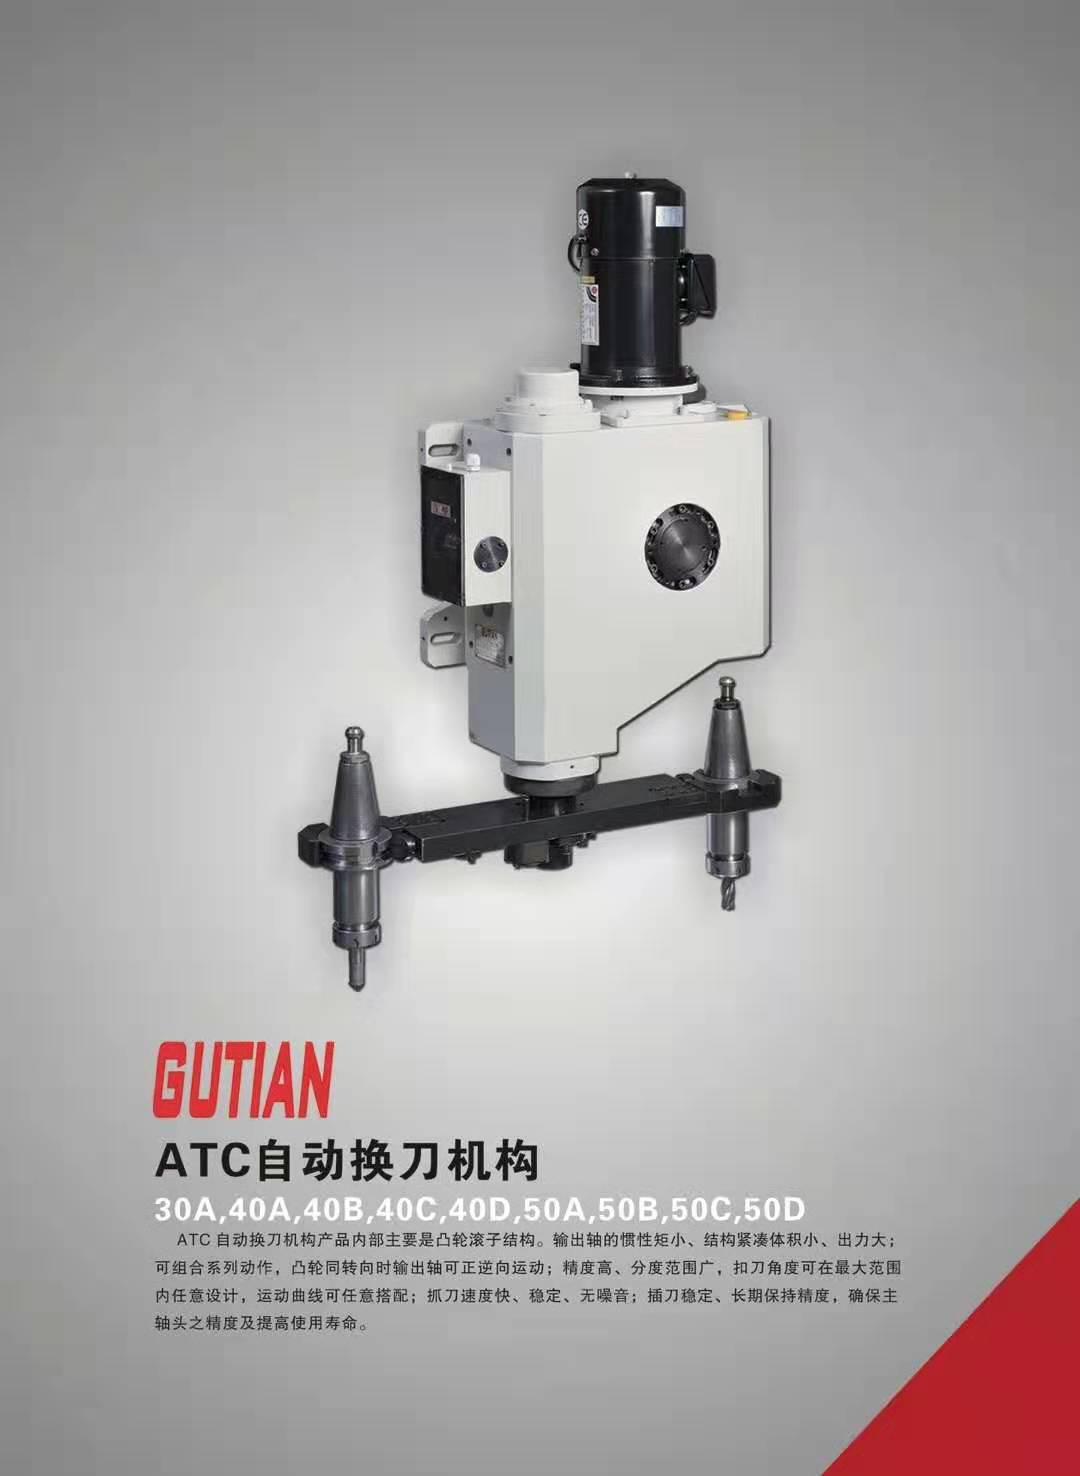 莆田古田ATC自动换刀机构型号,换刀